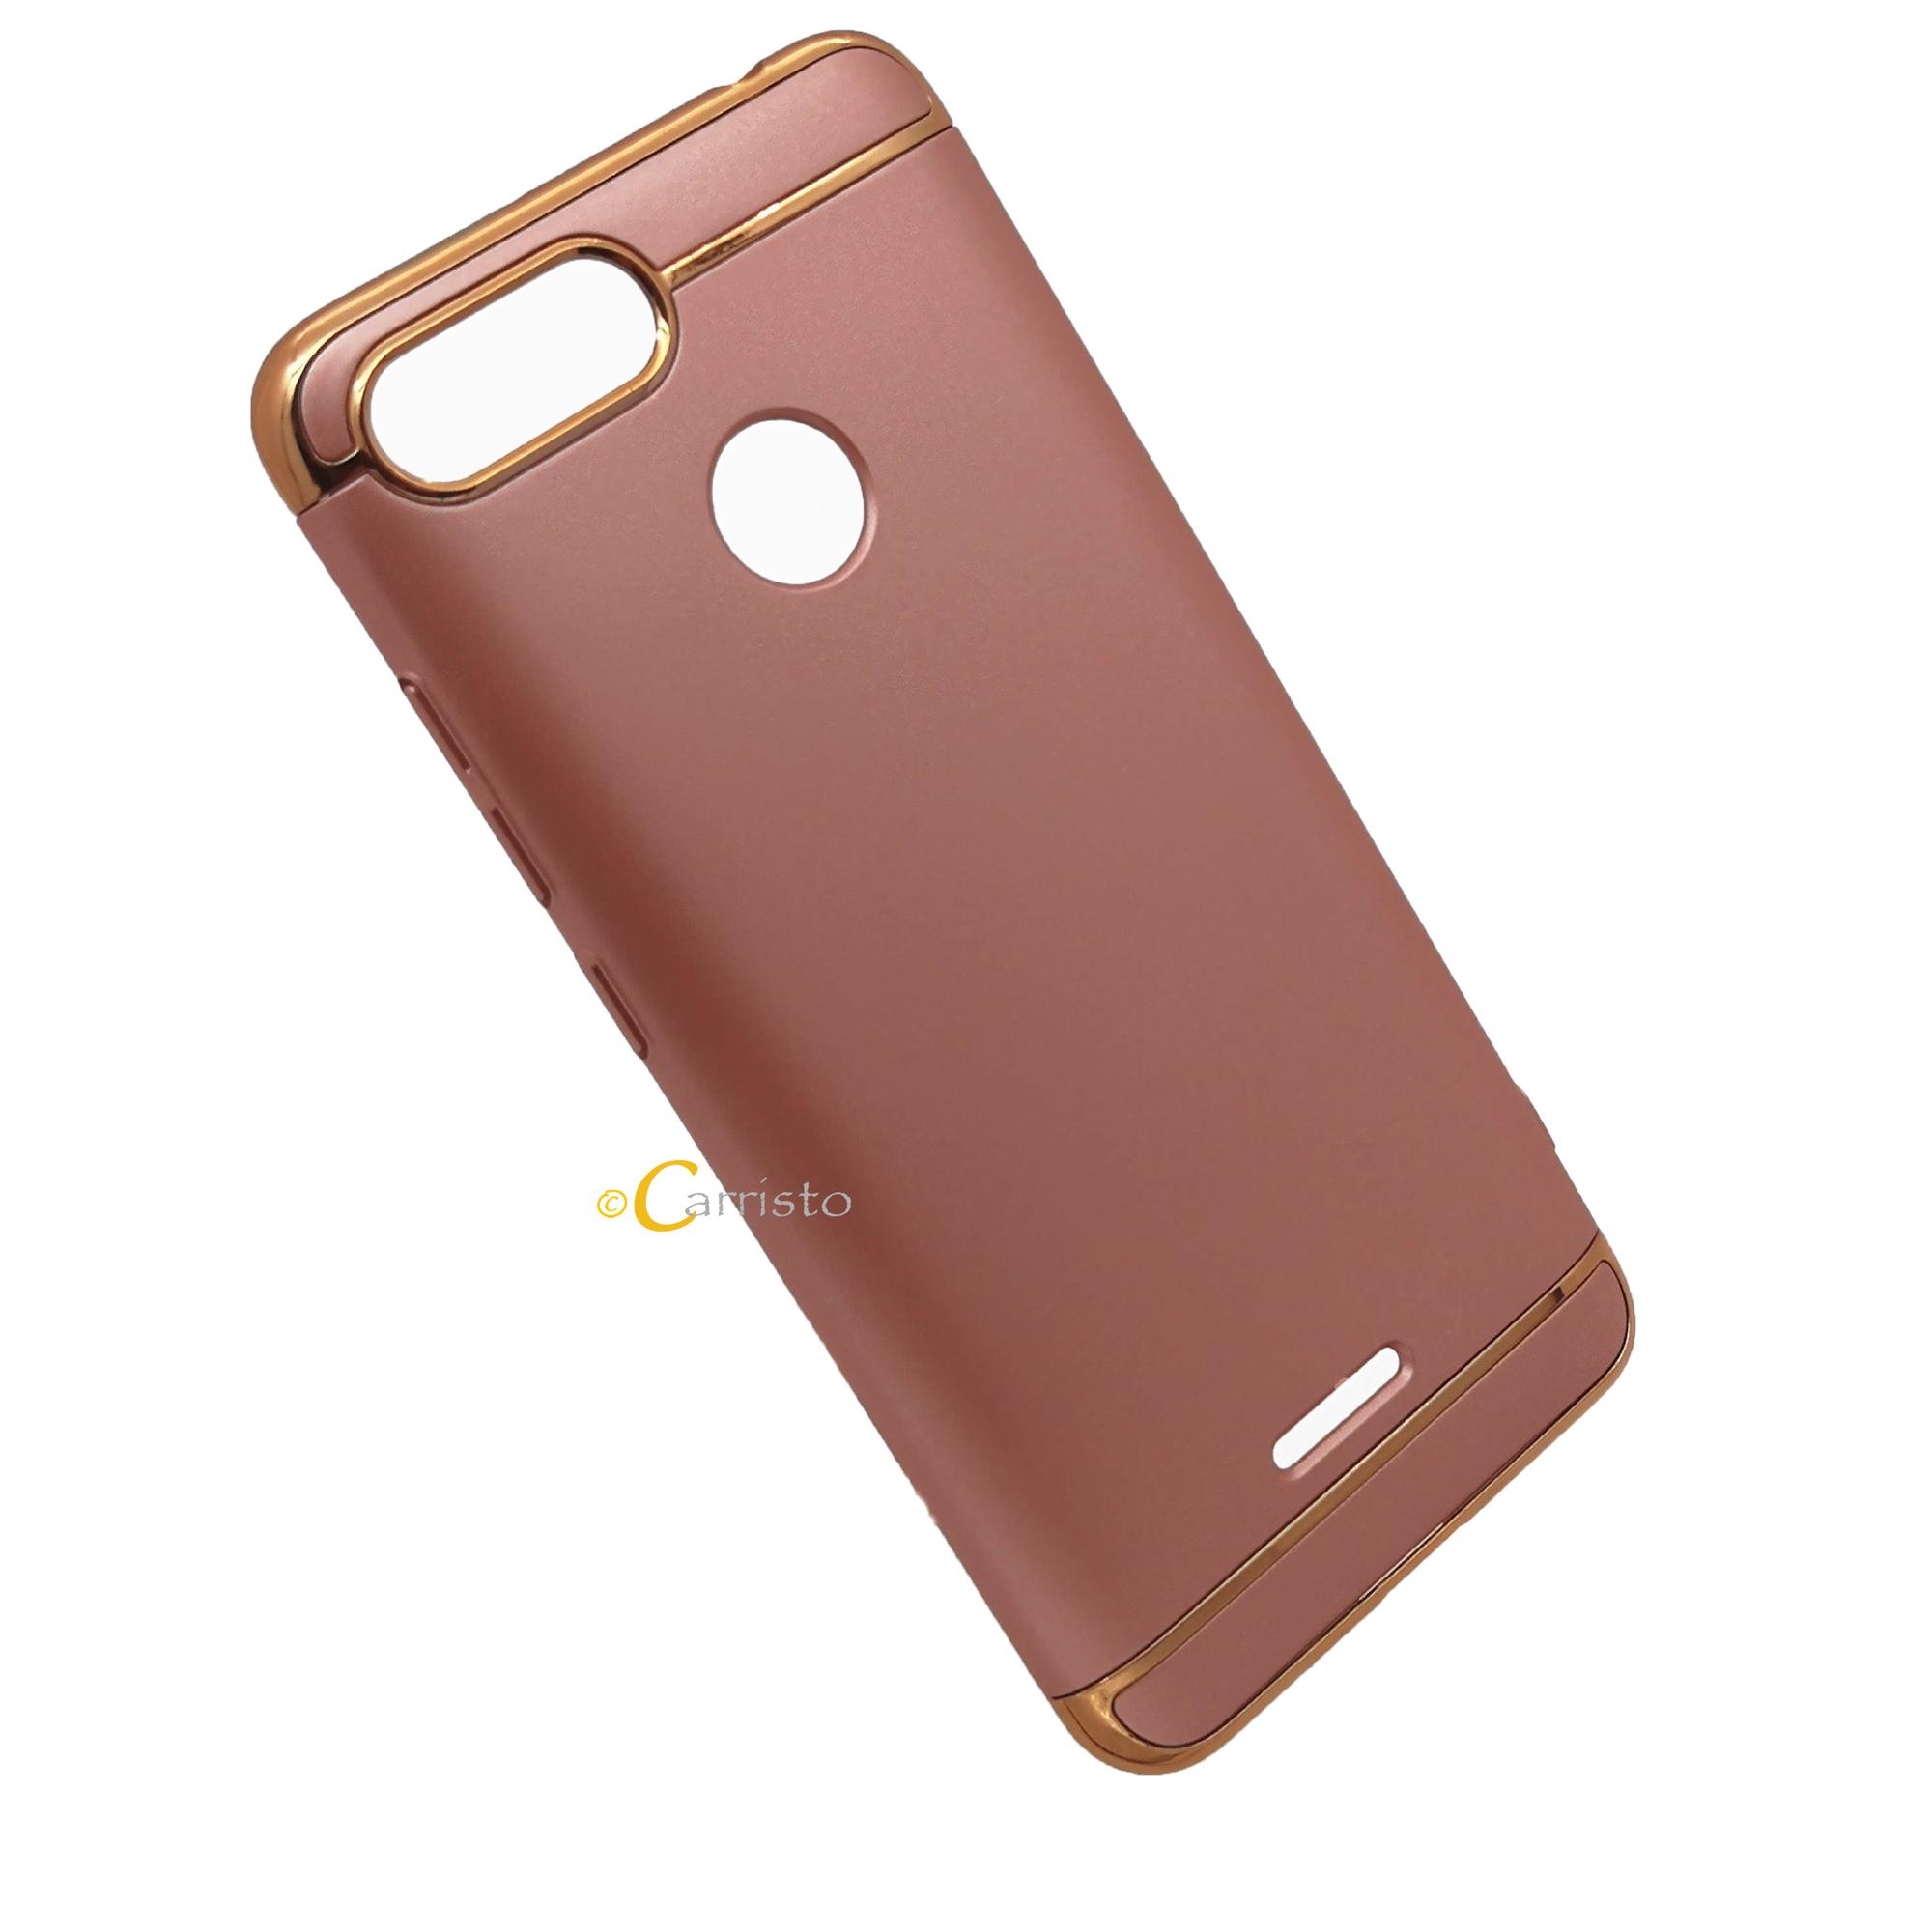 new arrival c9298 cc524 Xiaomi Redmi 6 Redmi 6A Hard Case Cover Casing Housing